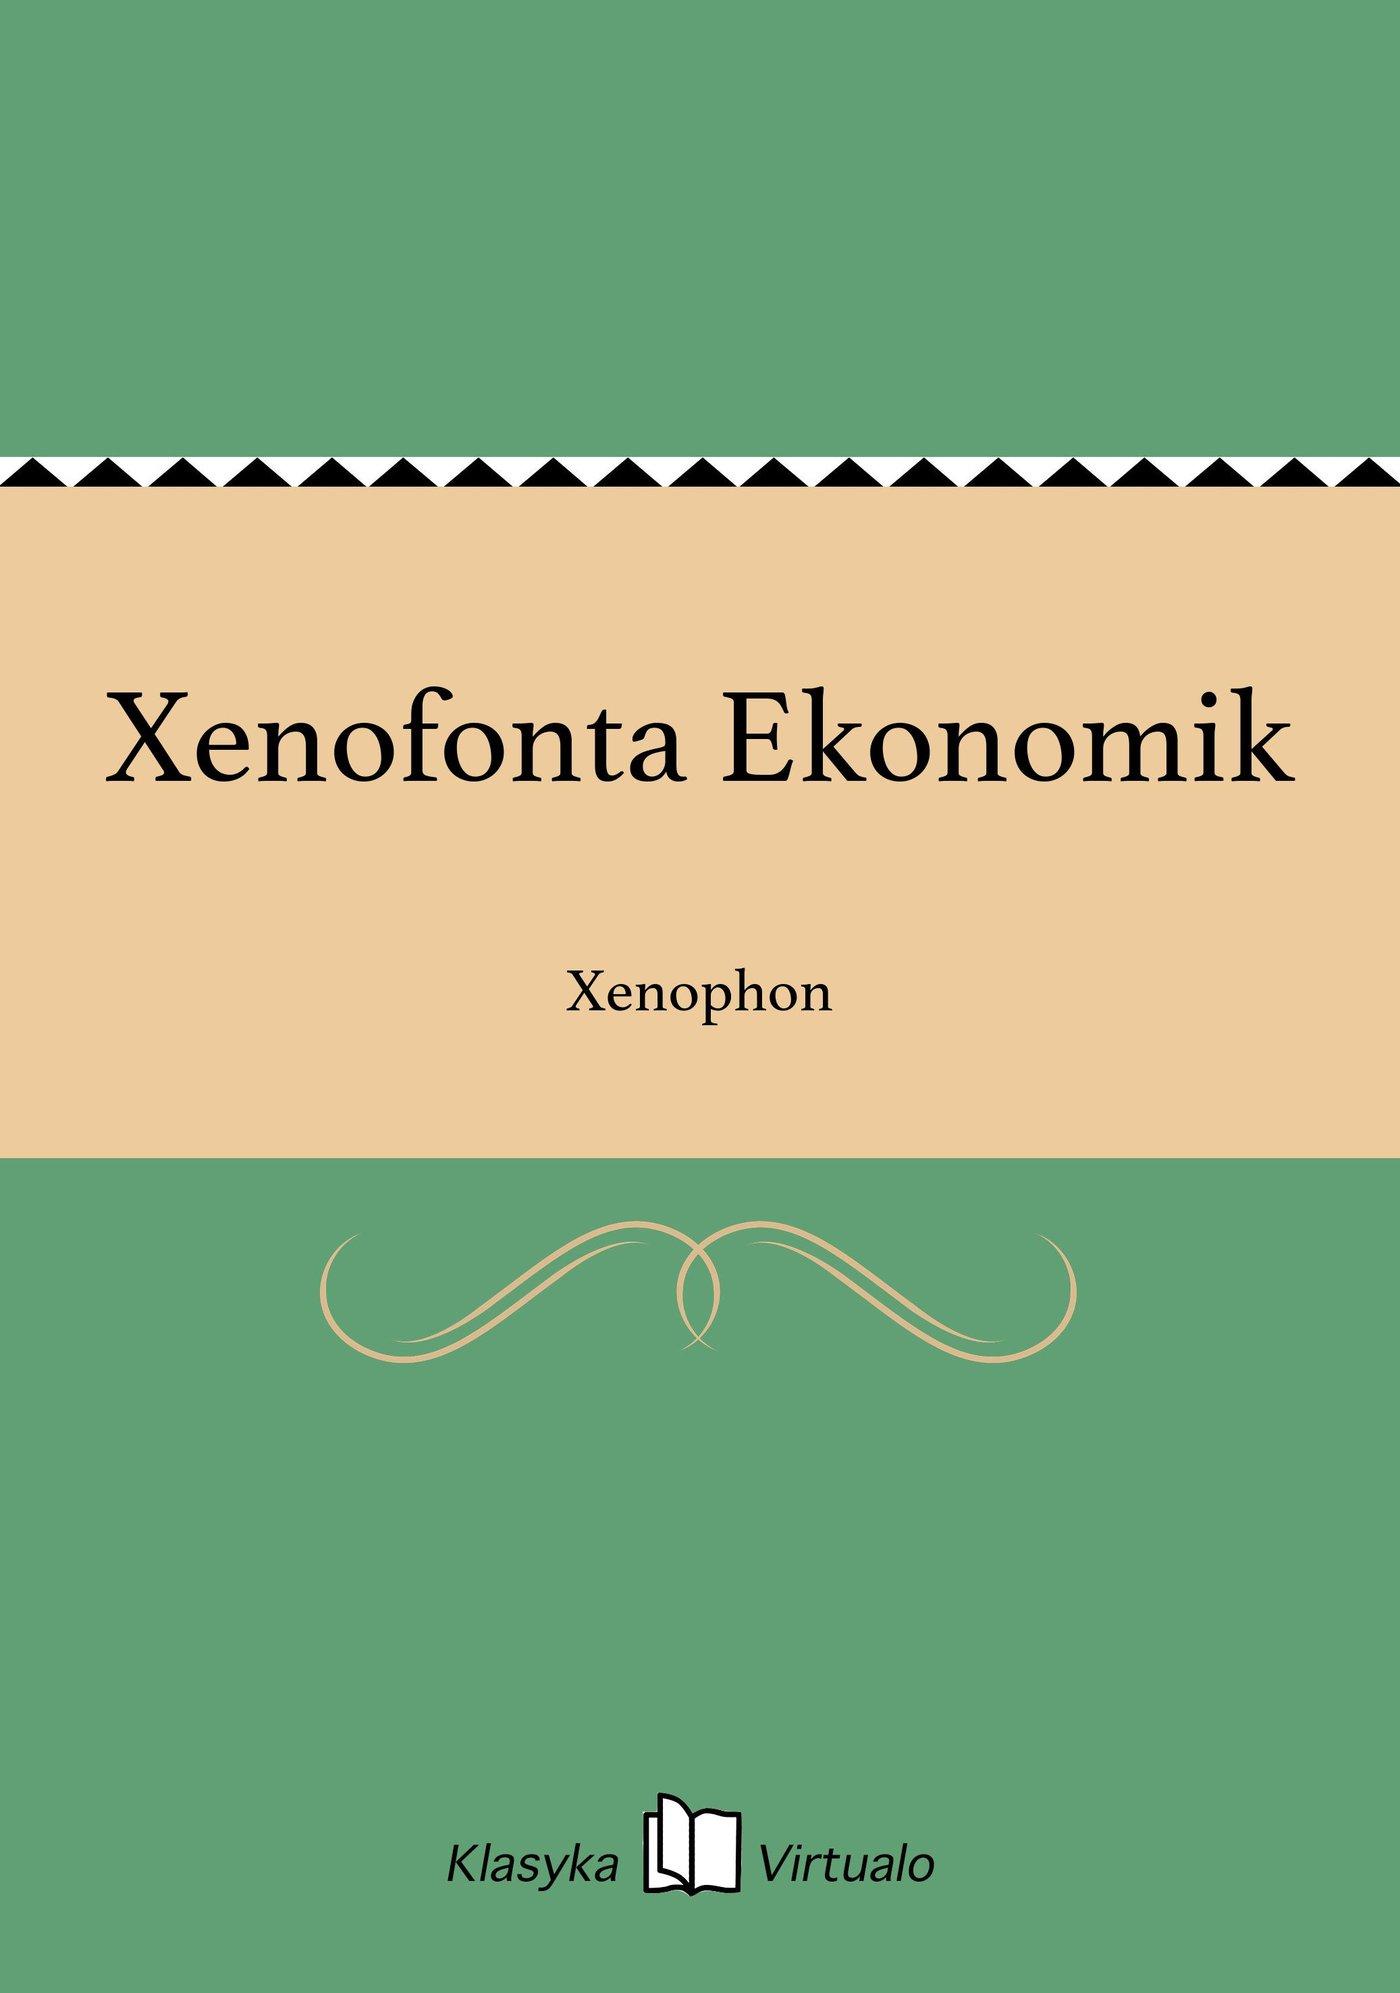 Xenofonta Ekonomik - Ebook (Książka EPUB) do pobrania w formacie EPUB